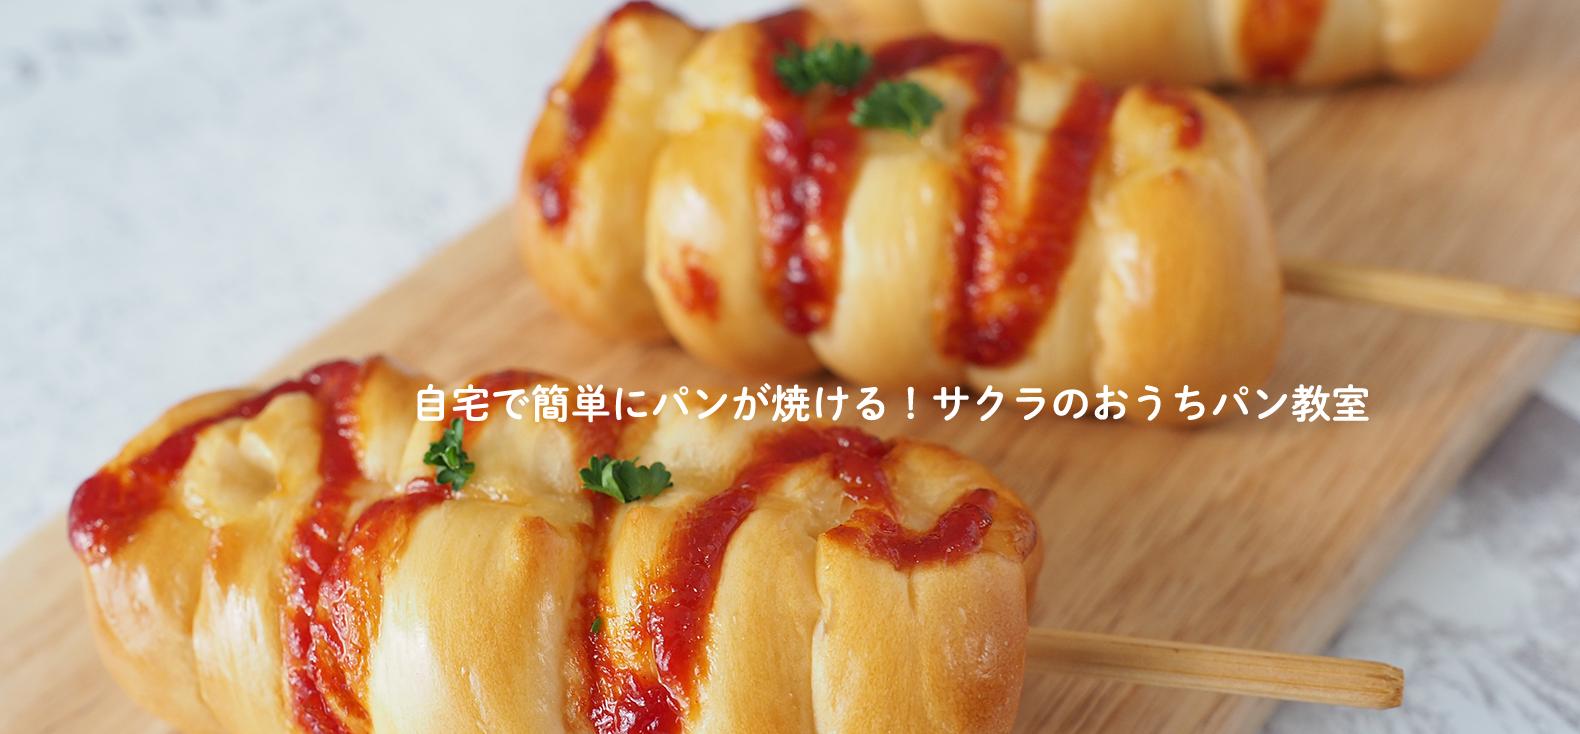 自宅で簡単にパンが焼ける!サクラのおうちパン教室